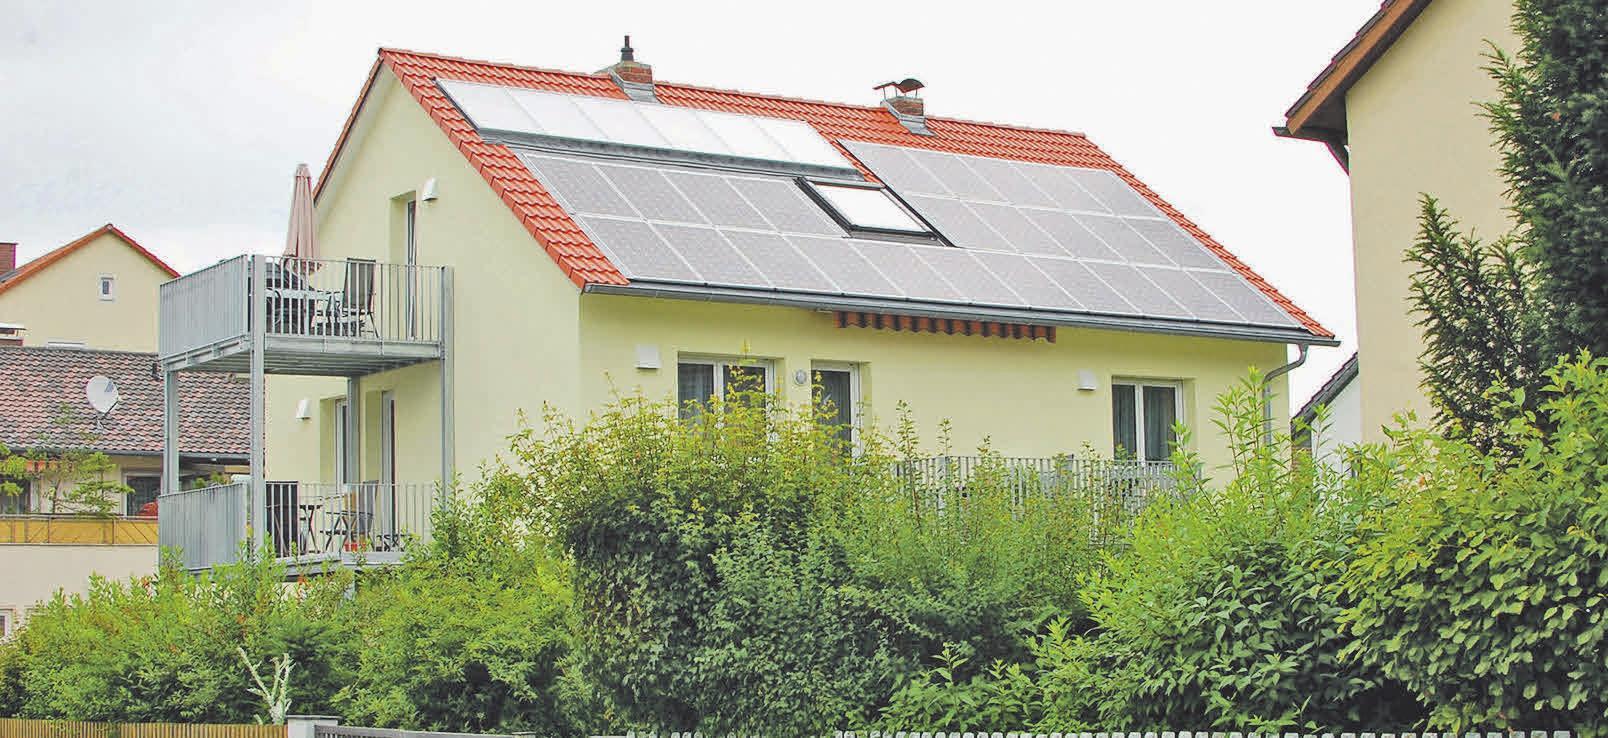 Ein älteres Haus mit Fördergeldern von der KfW energieeffizient zu sanieren, zahlt sich langfristig aus. Foto: djd/puren